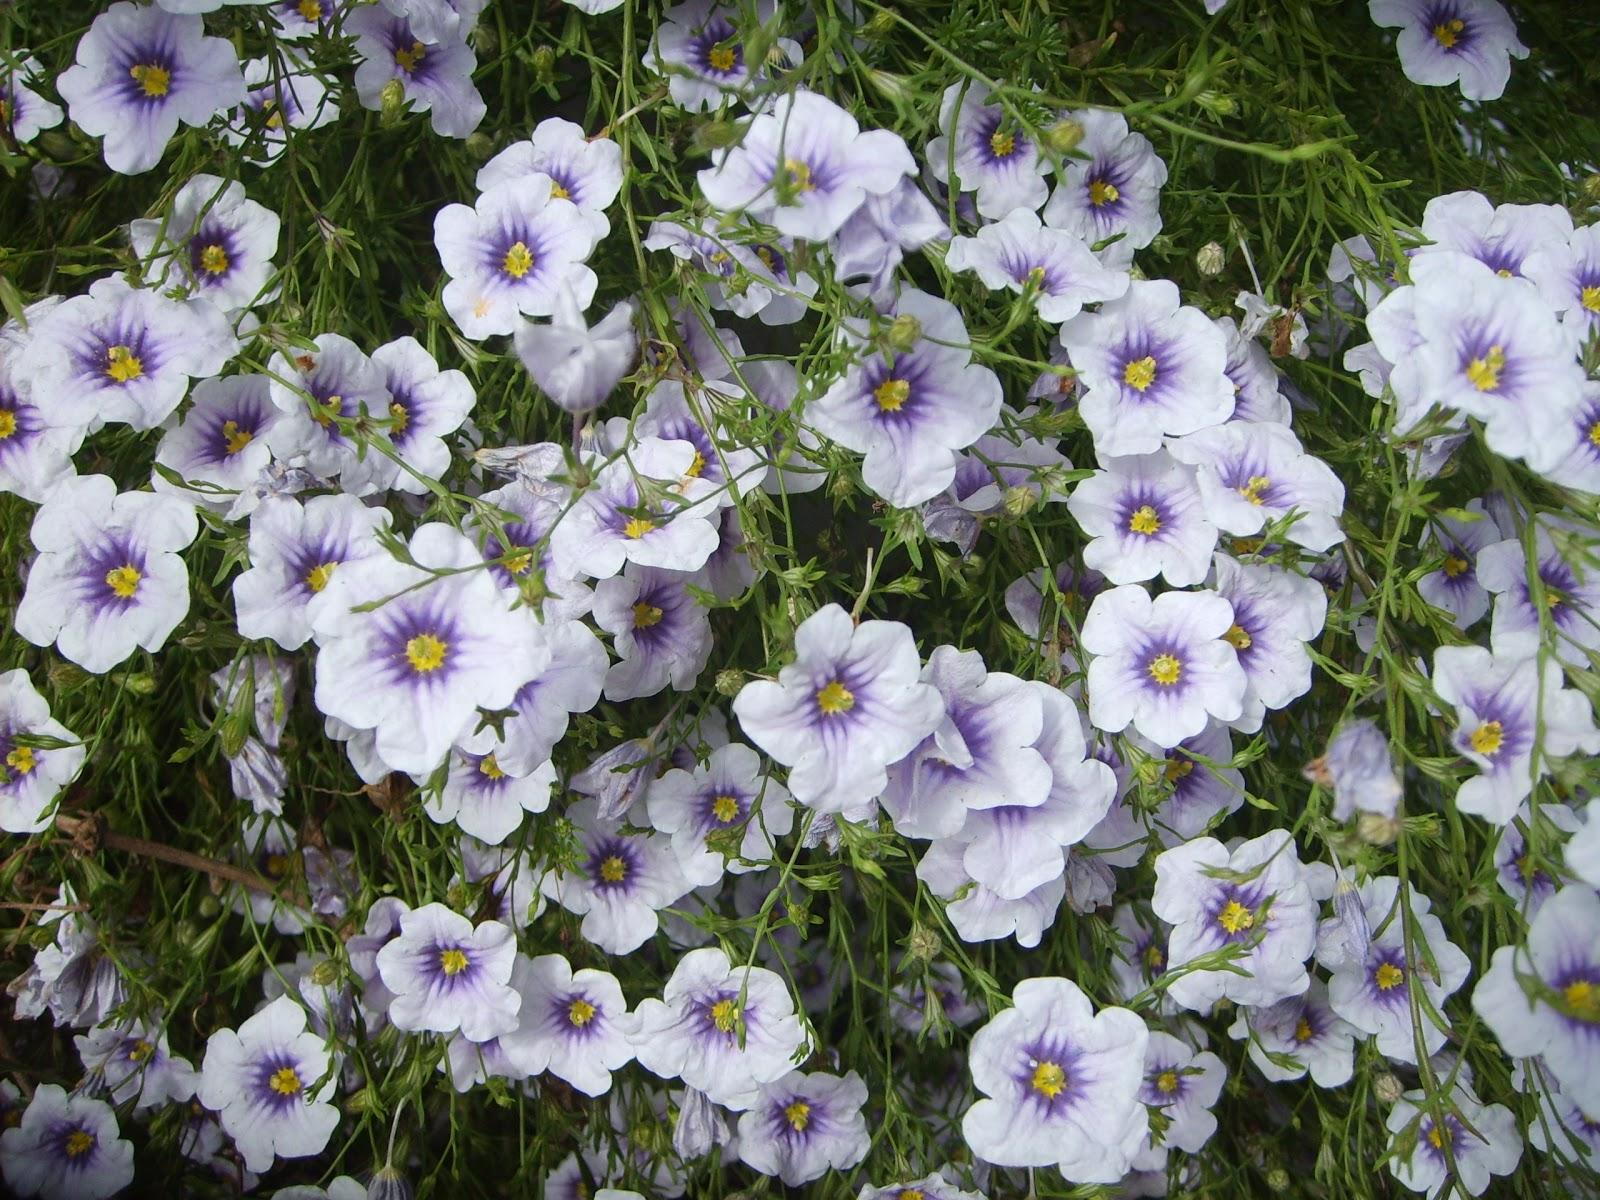 jardim plantas nativas:Colorindo a paisagem ::: Plantas nativas do (meu) jardim